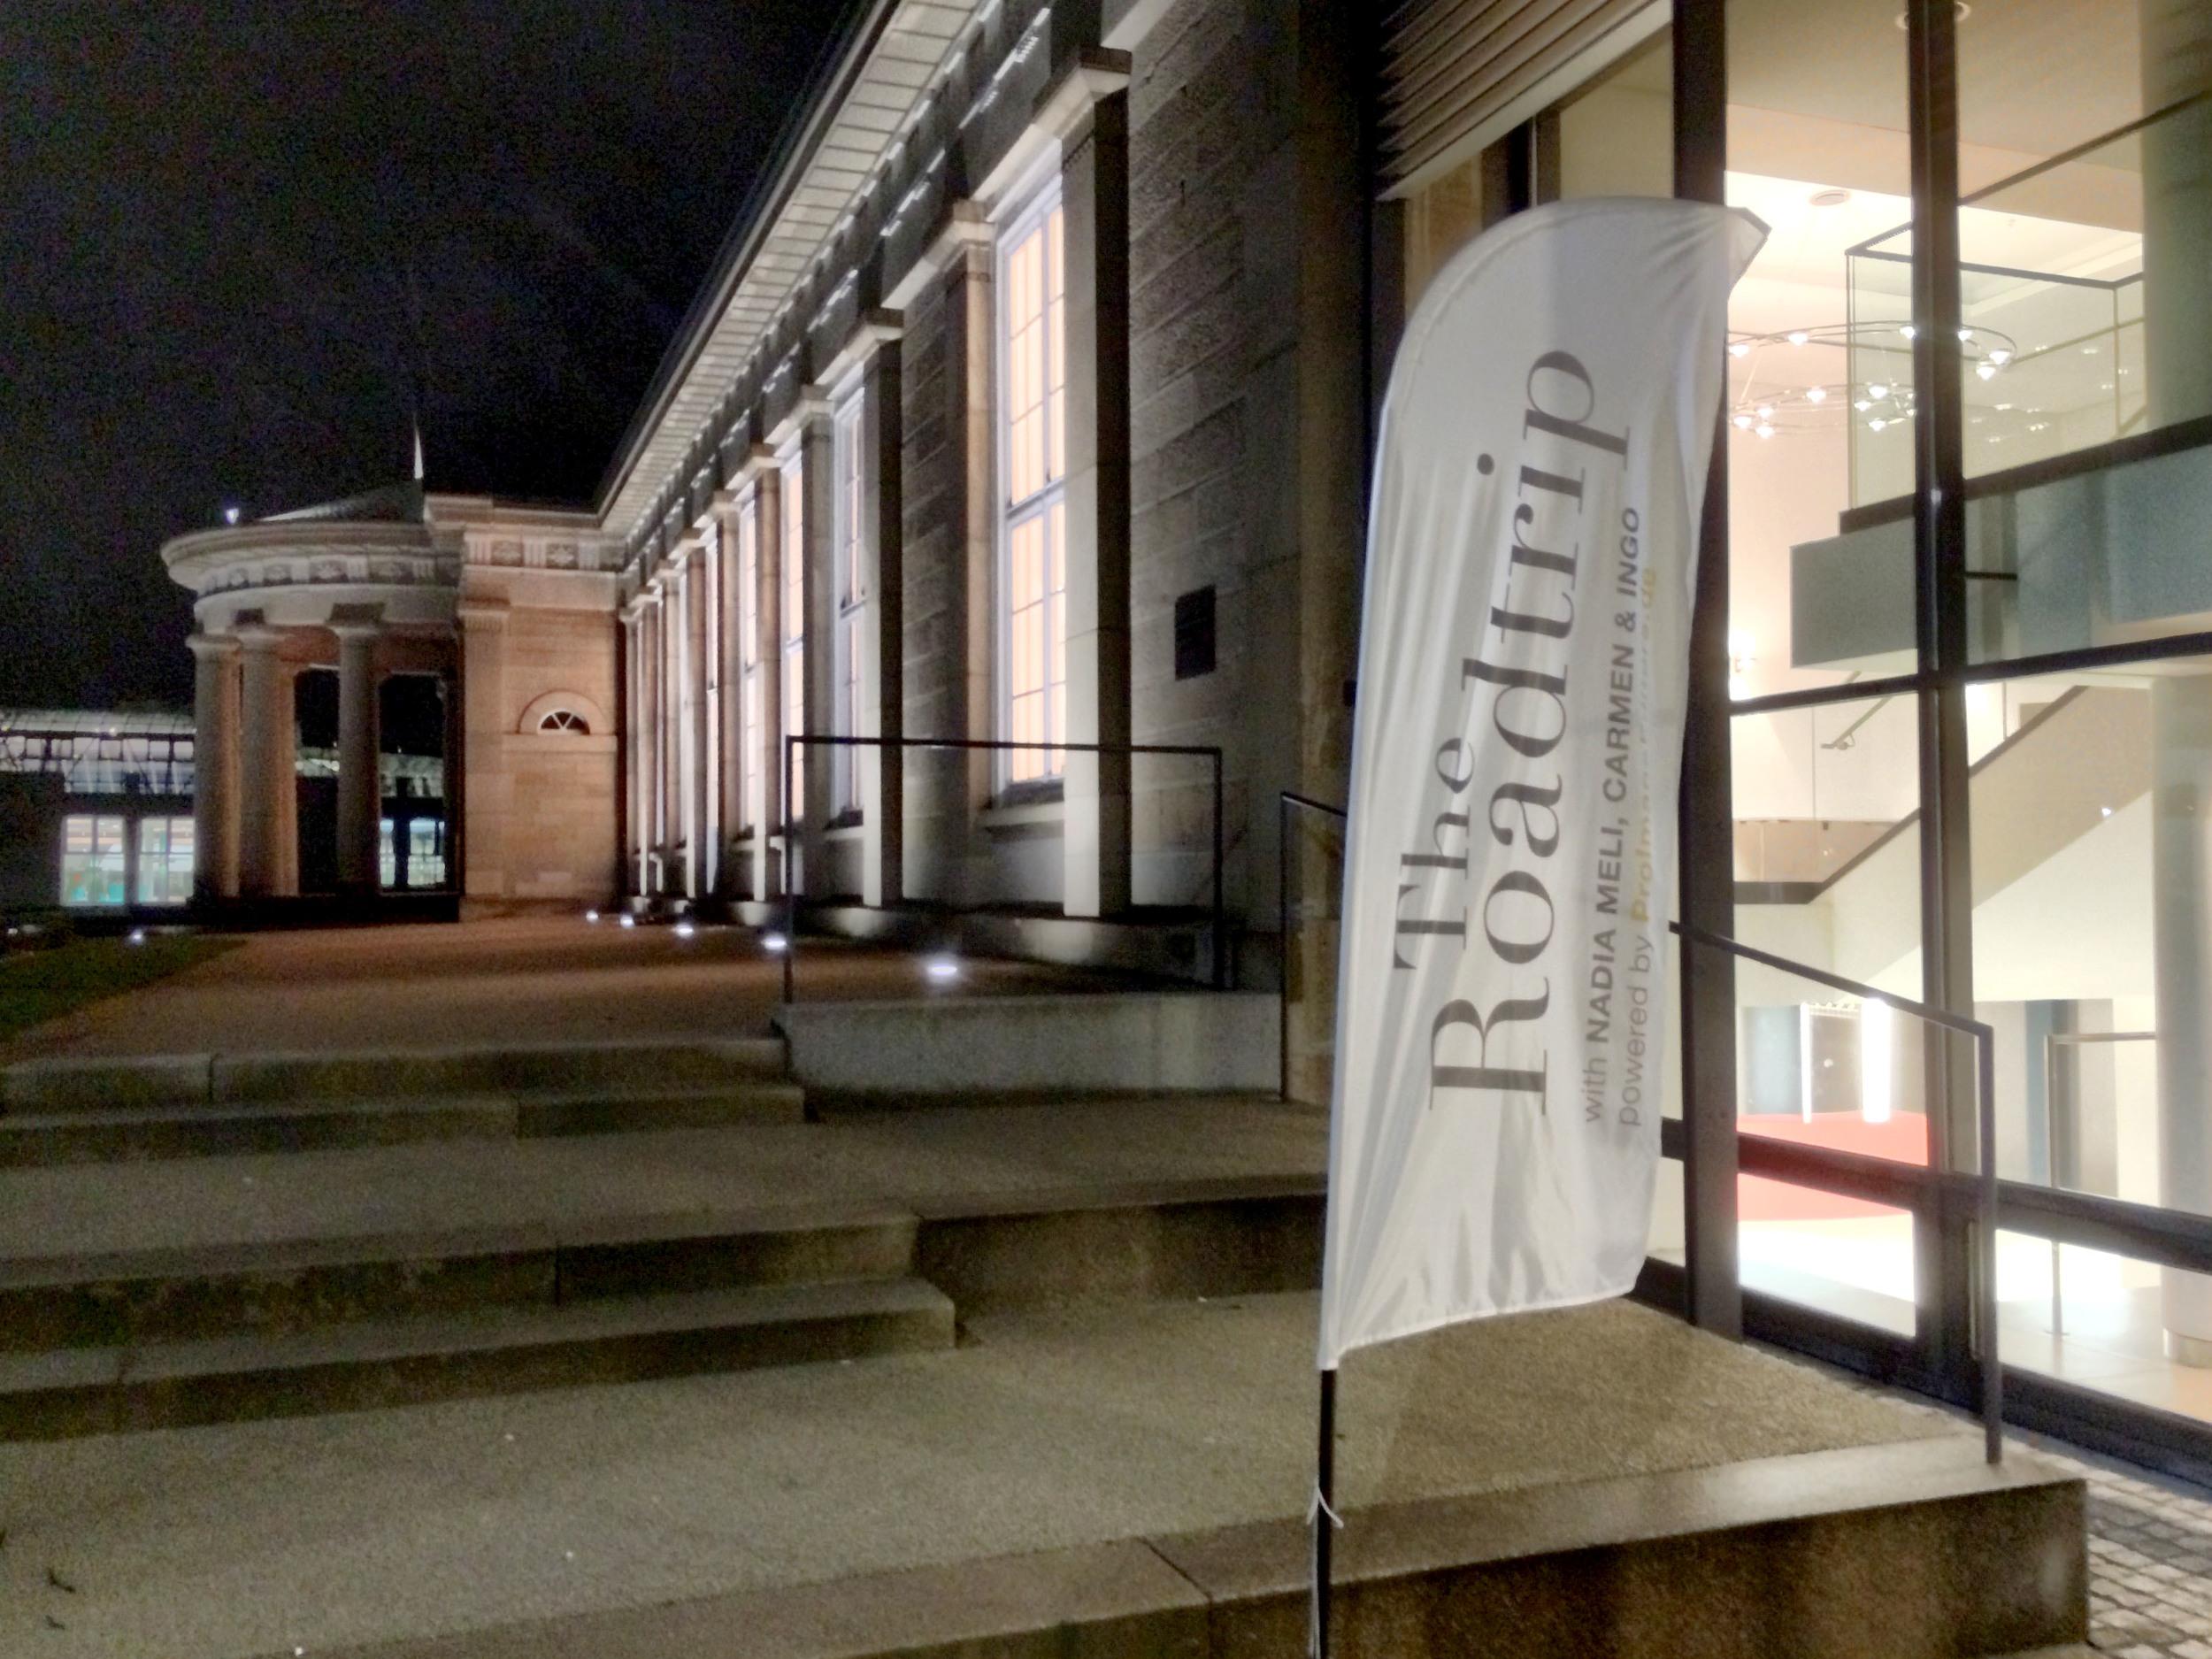 Ort des Geschehens Kursaal Cannstatt, Stuttgart. 6 Stunden Vorträge, Austausch und Gespräche.